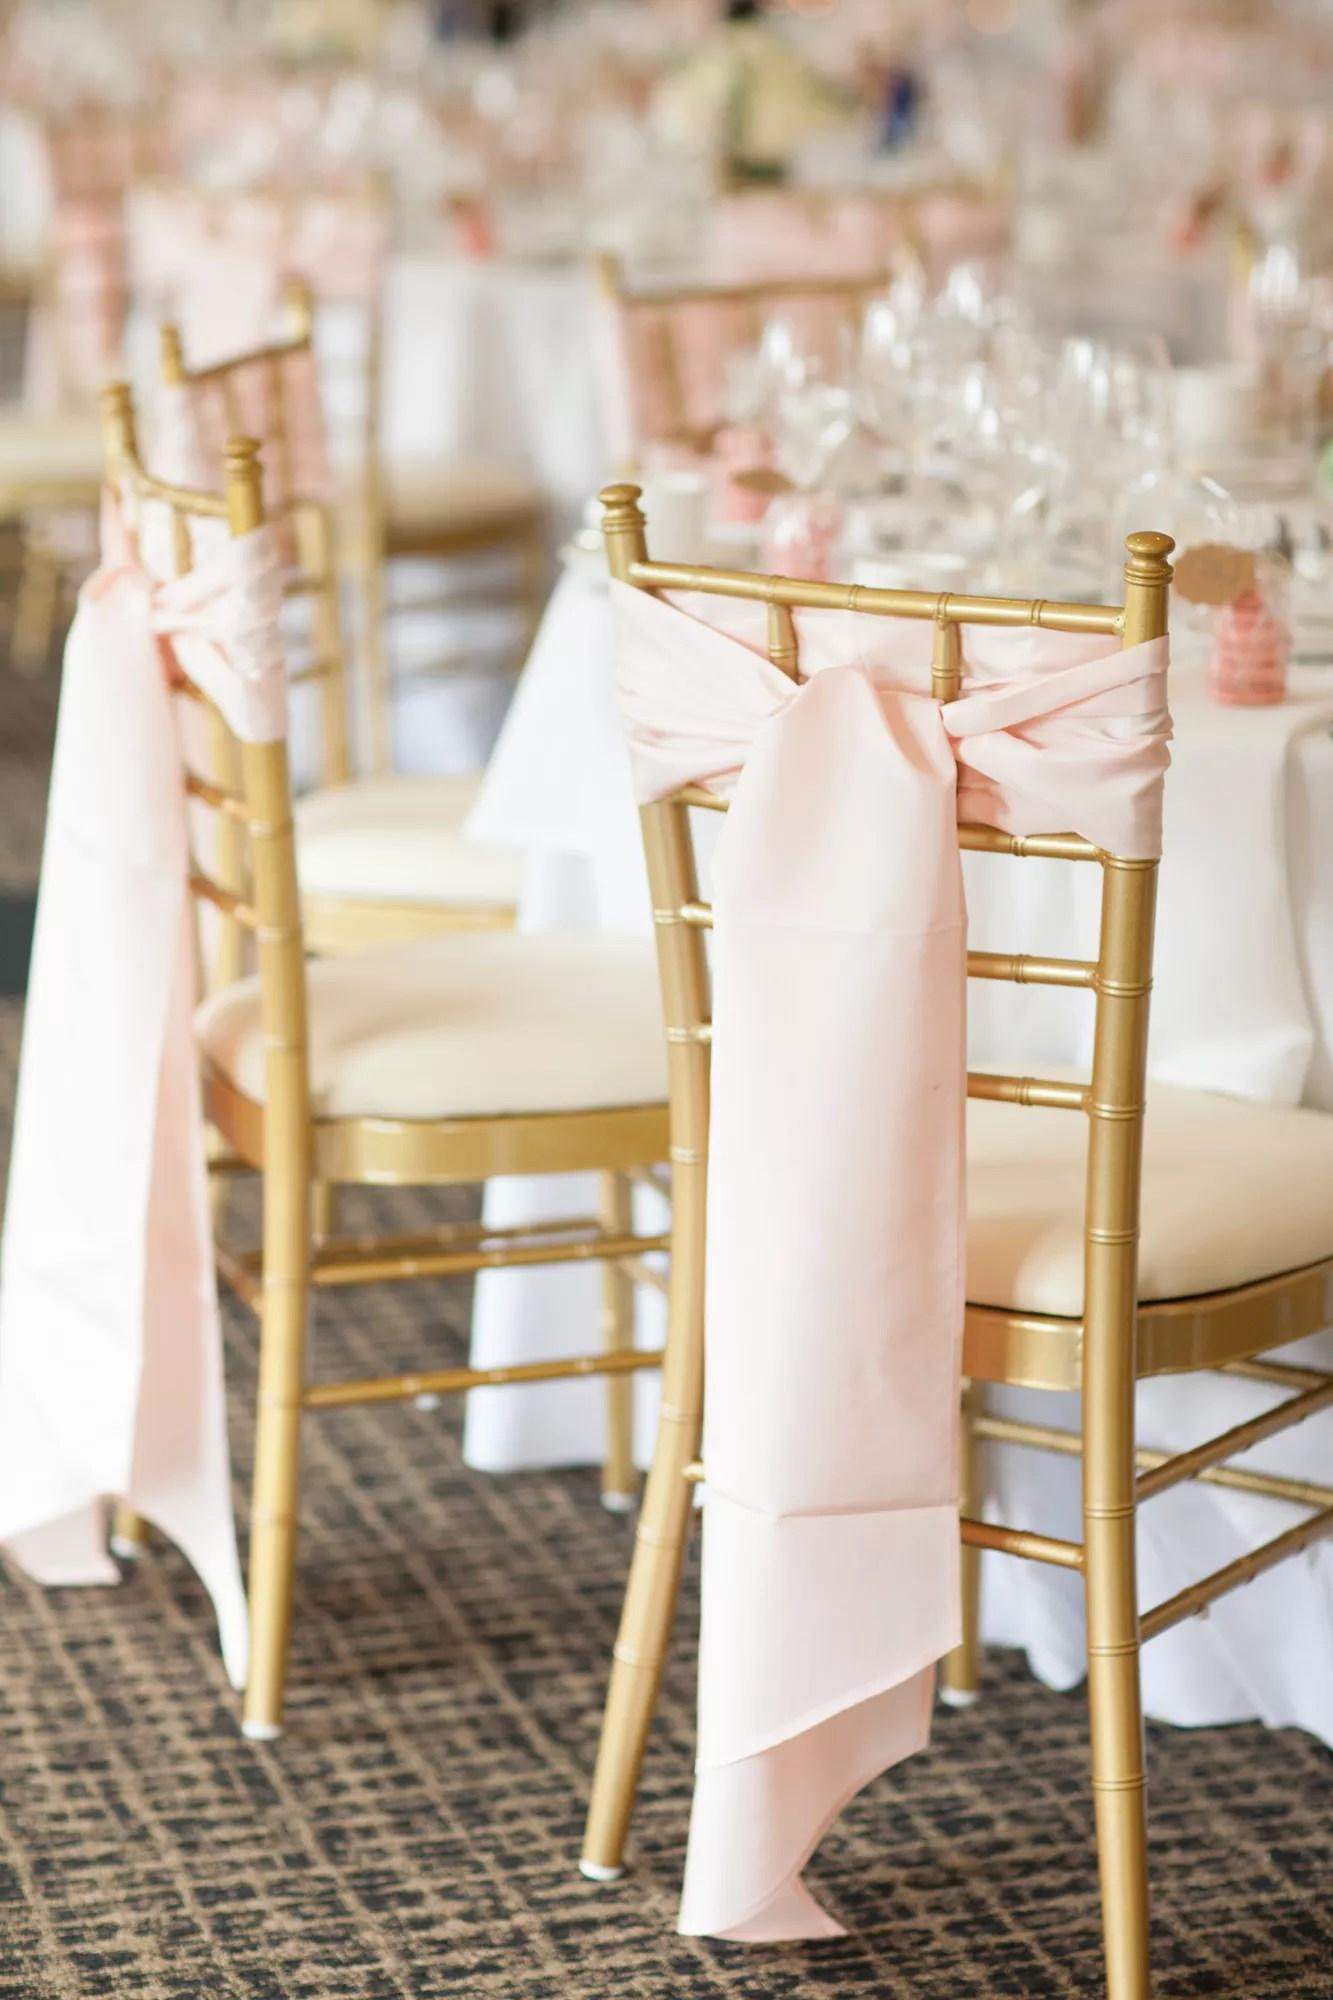 Gold Chiavari Chairs With Blush Sash Ties